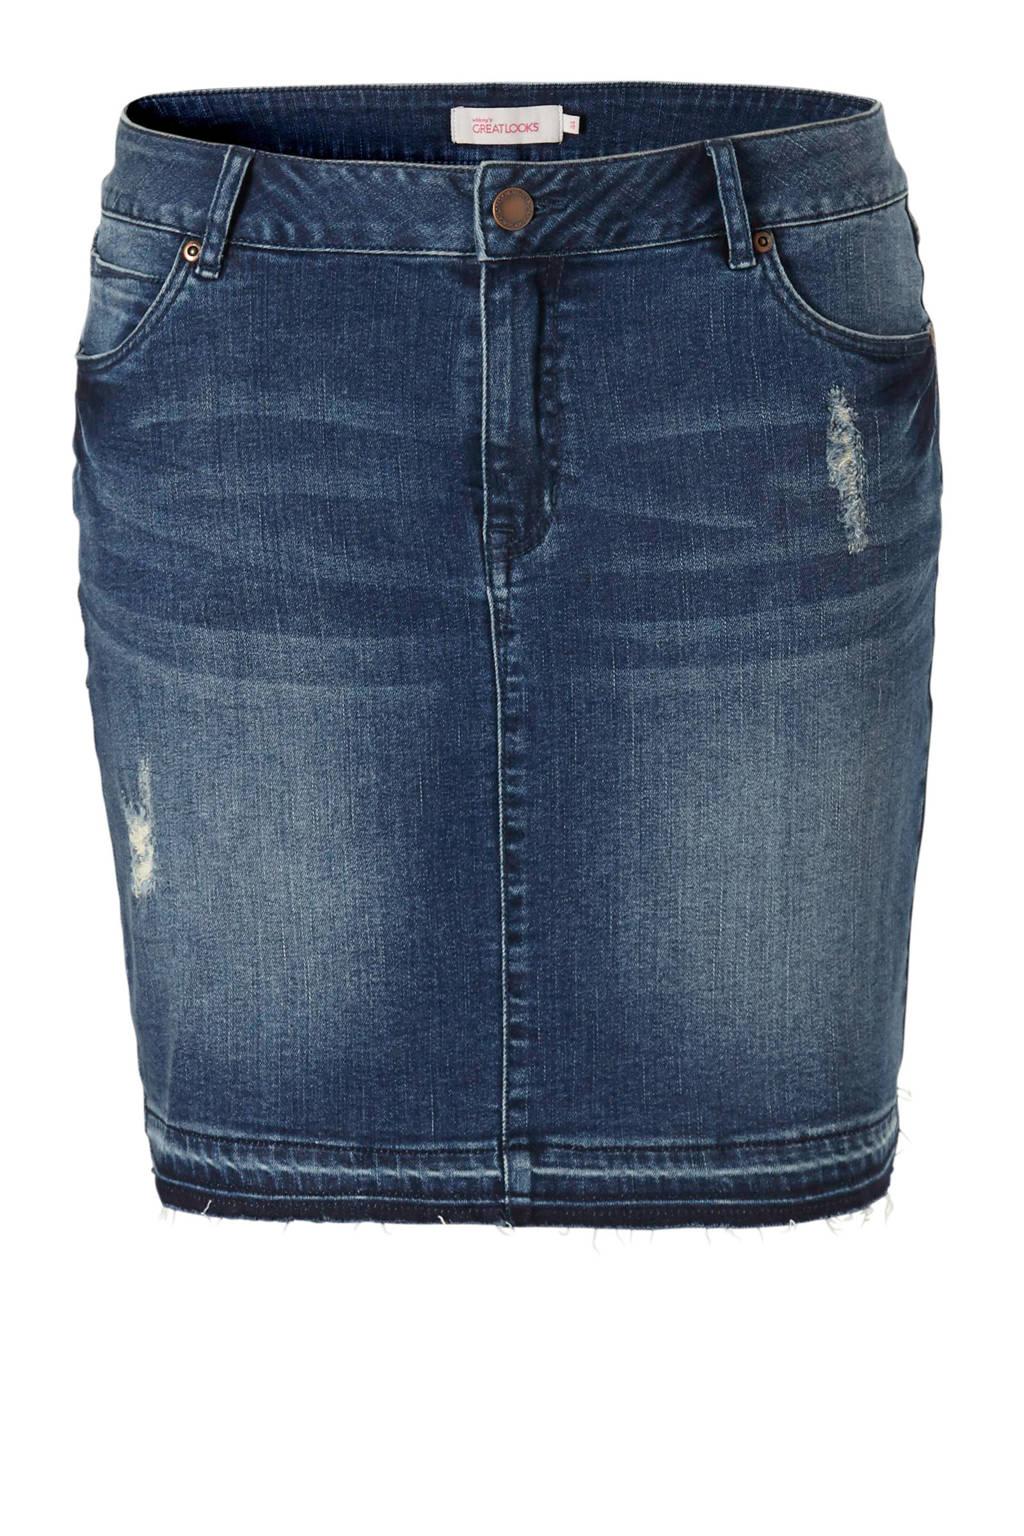 whkmp's great looks spijkerrok, Dark blue denim